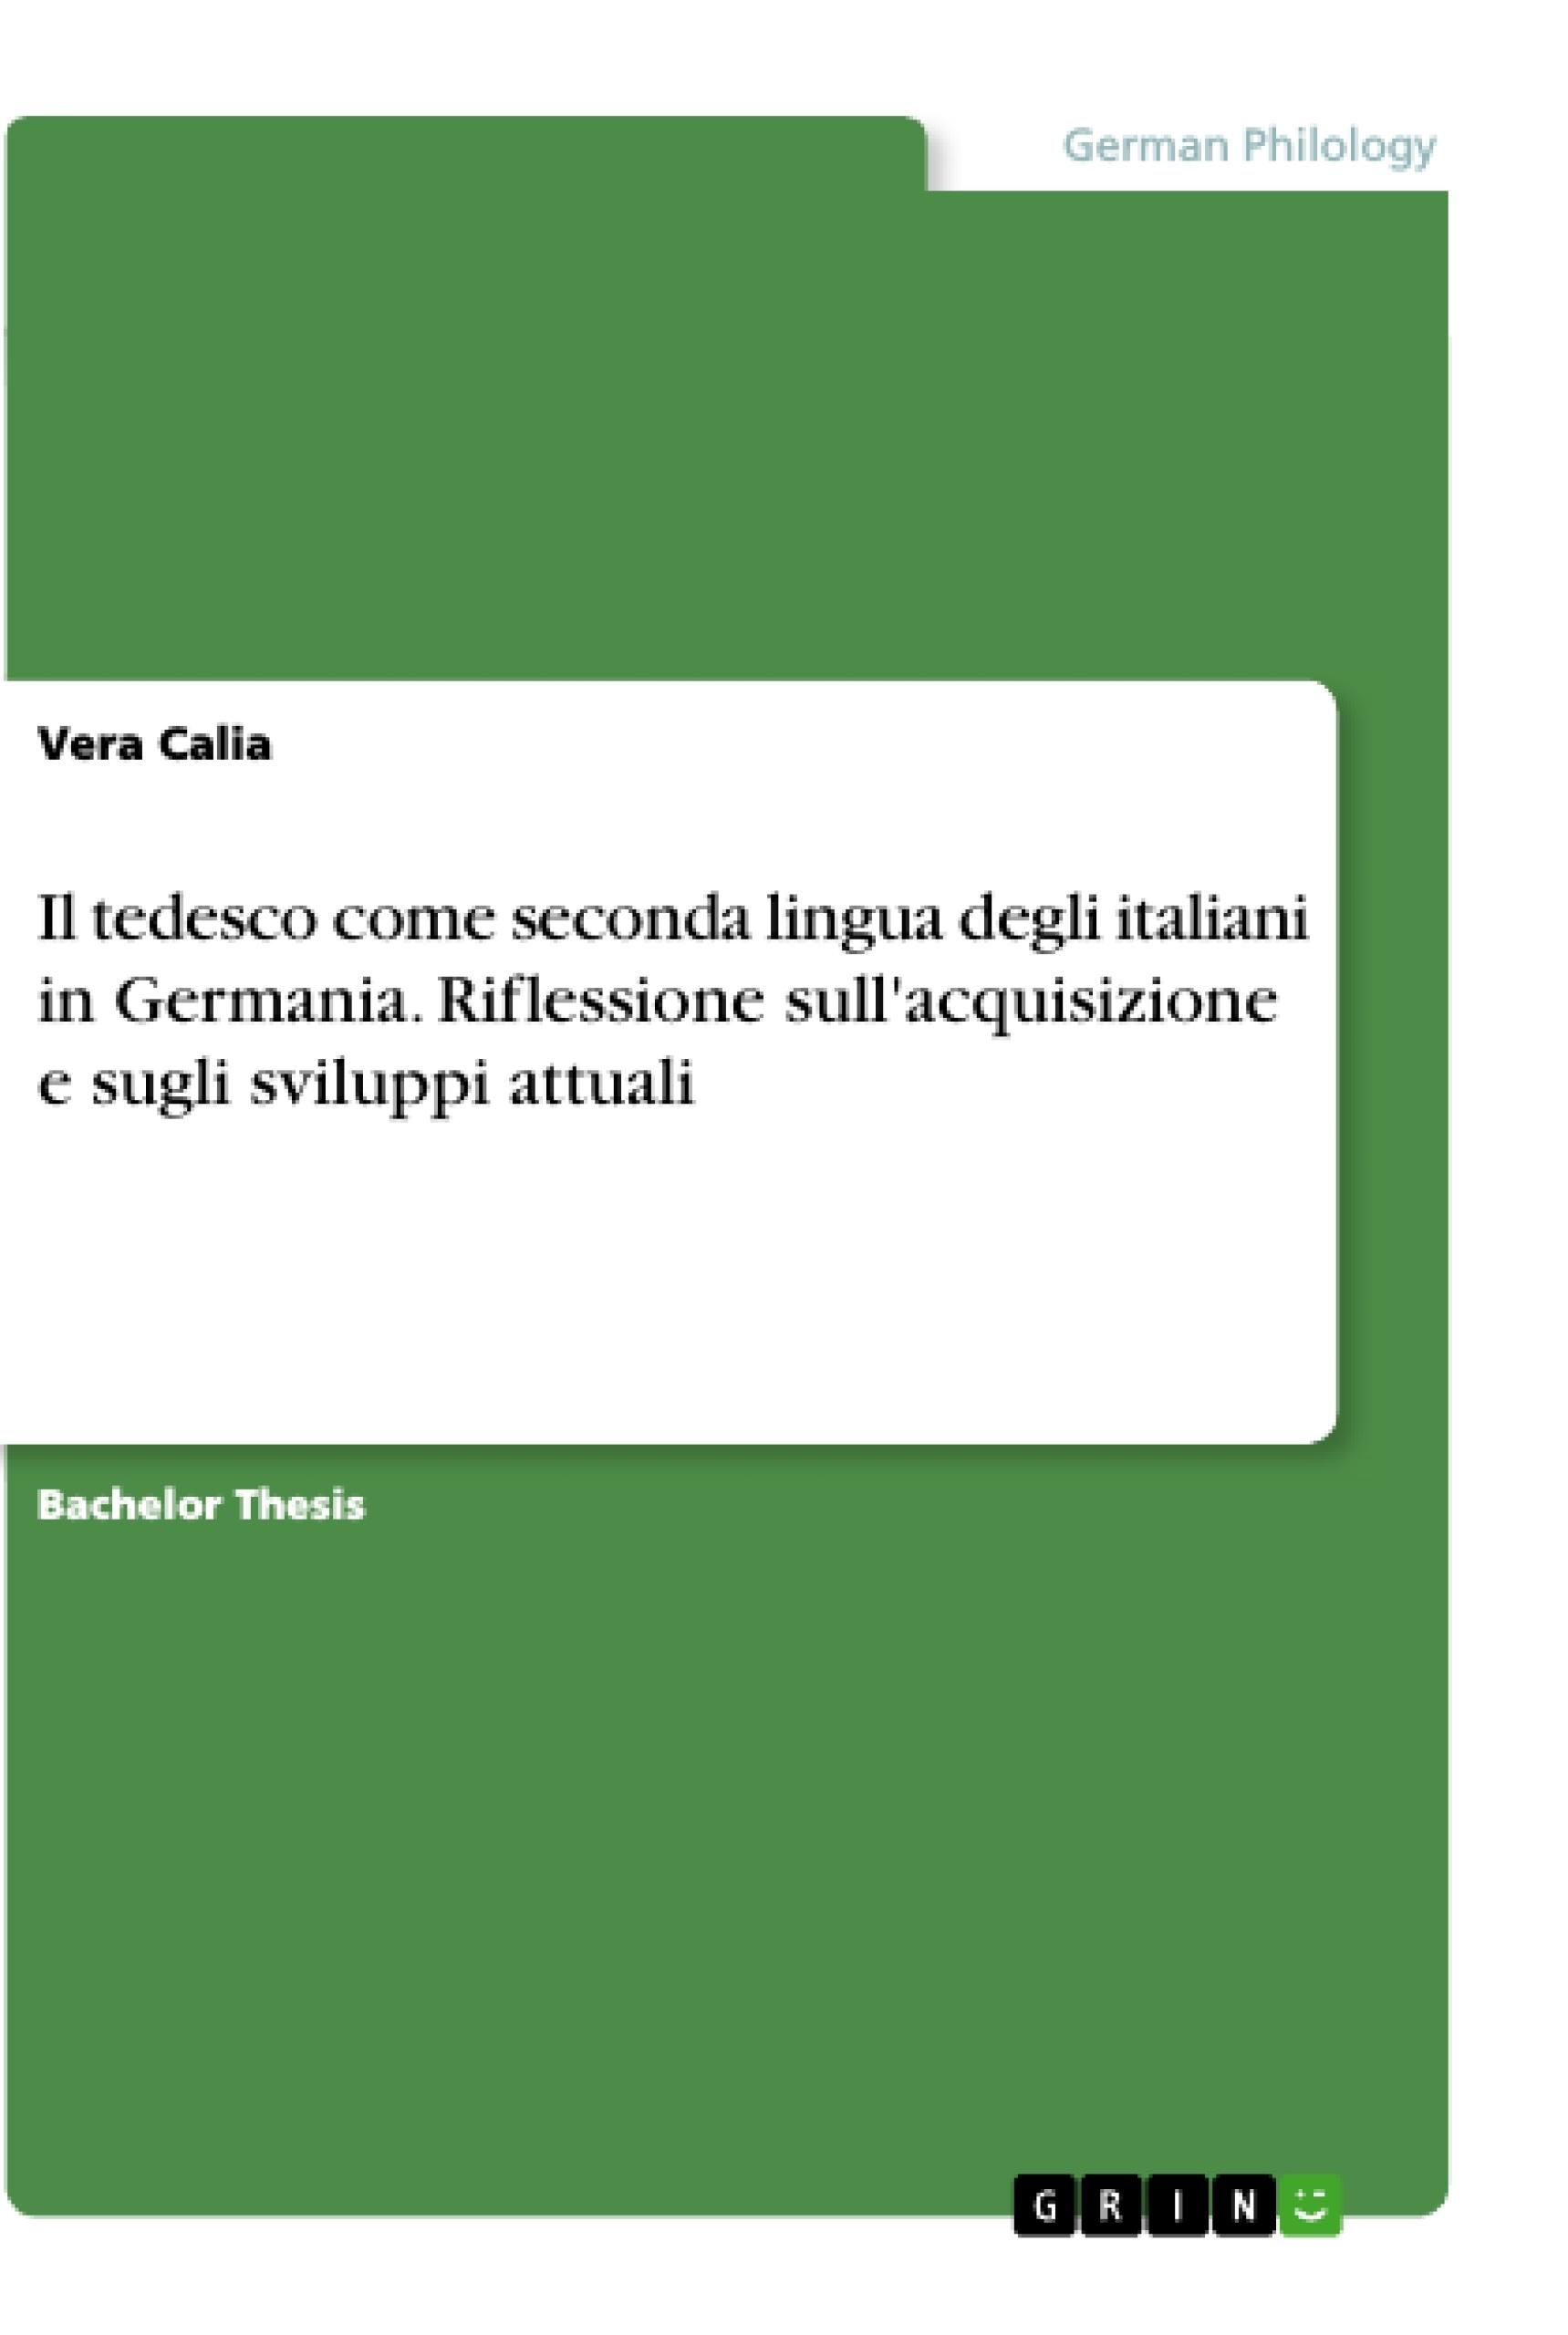 Title: Il tedesco come seconda lingua degli italiani in Germania. Riflessione sull'acquisizione e sugli sviluppi attuali